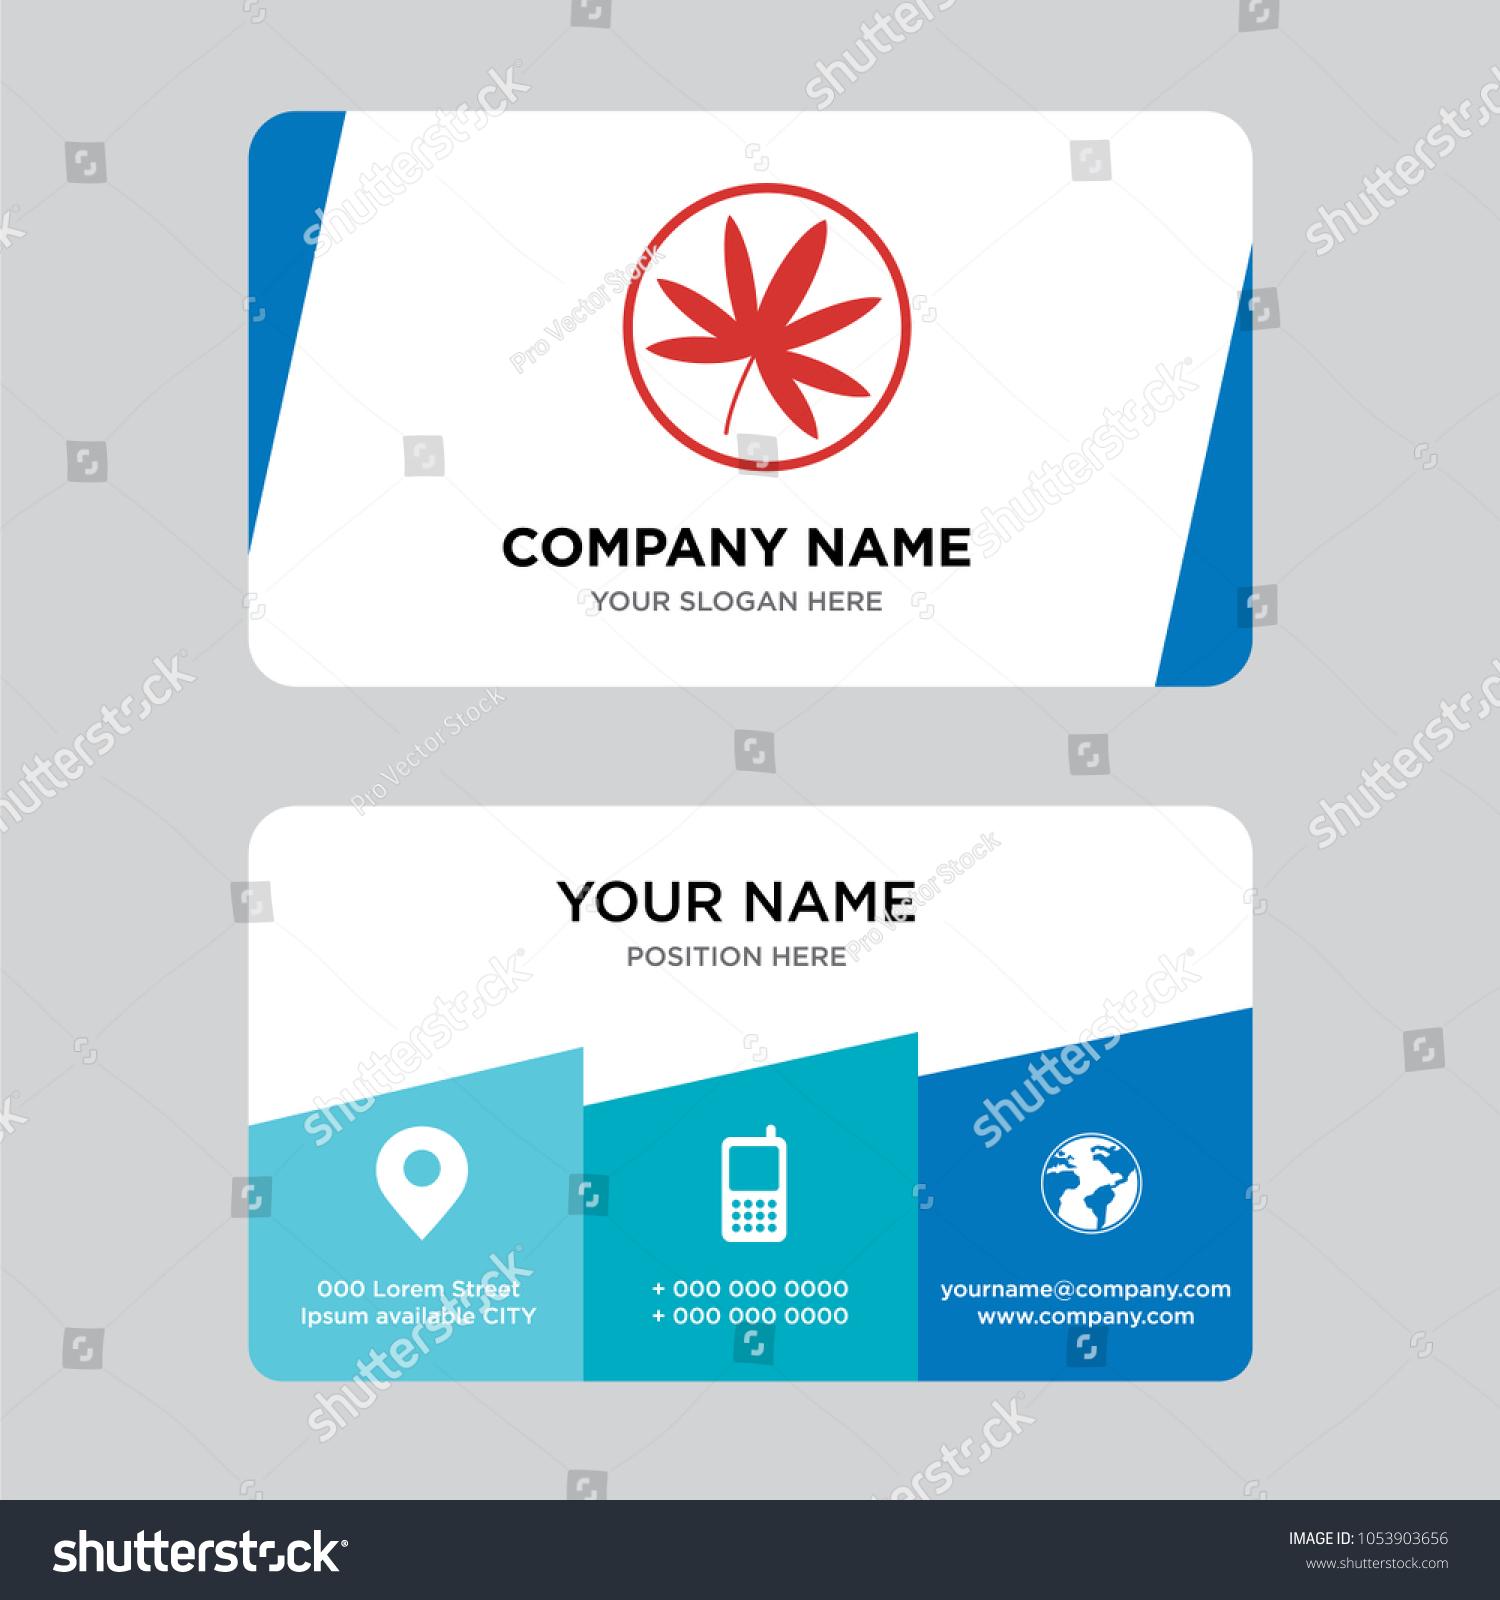 Marijuana Business Card Design Template Visiting Stock Vector (2018 ...